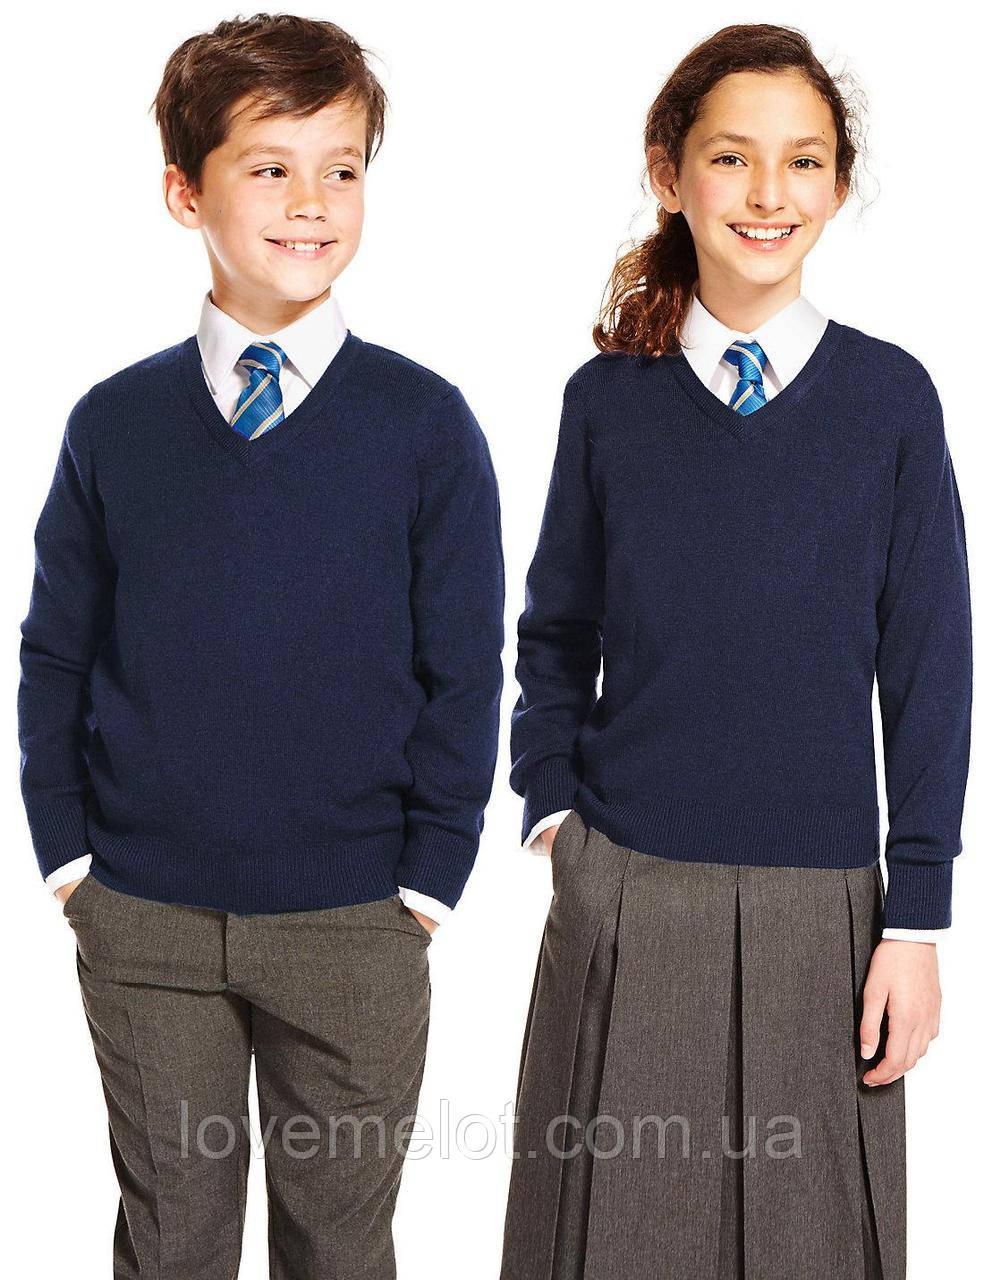 8eb468c3373 Джемпер школьный M S синий уни - шерсть мериноса  продажа